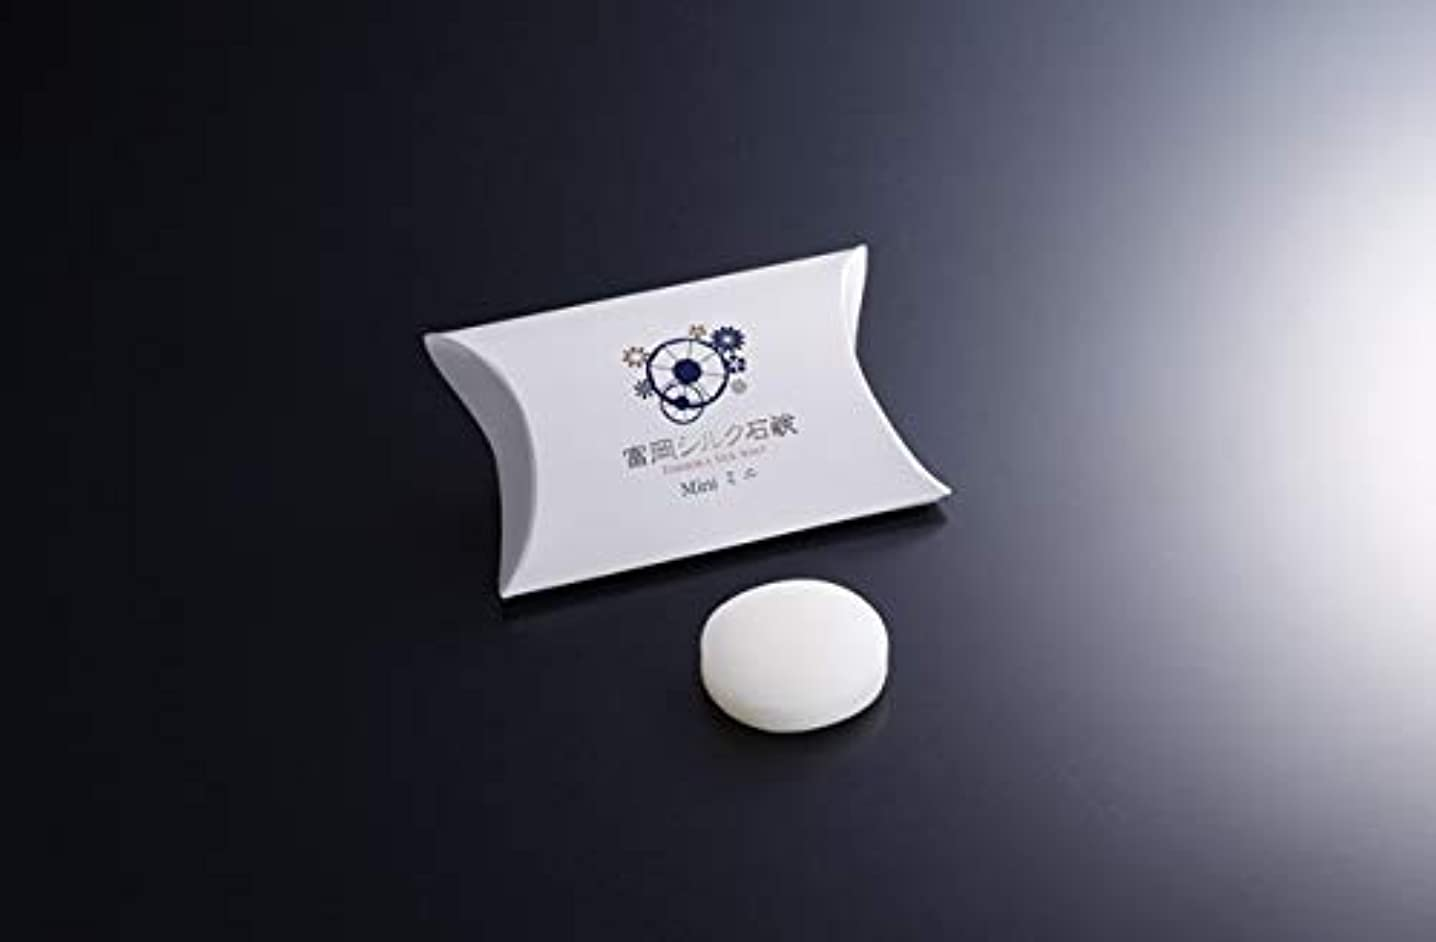 ストロークオーナー何もない絹工房 [5個セット] 富岡シルク石鹸 ミニサイズ(12?)